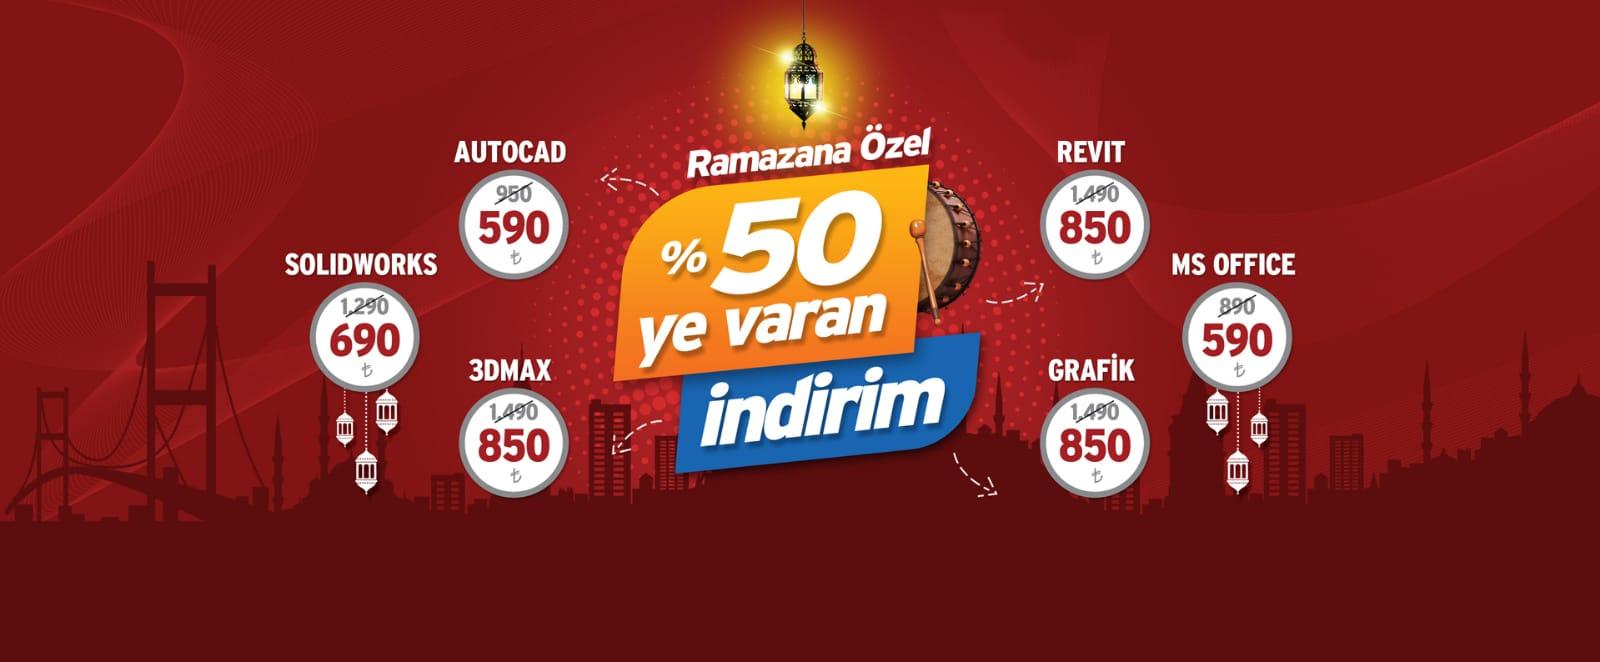 Ramazan indirim 2019